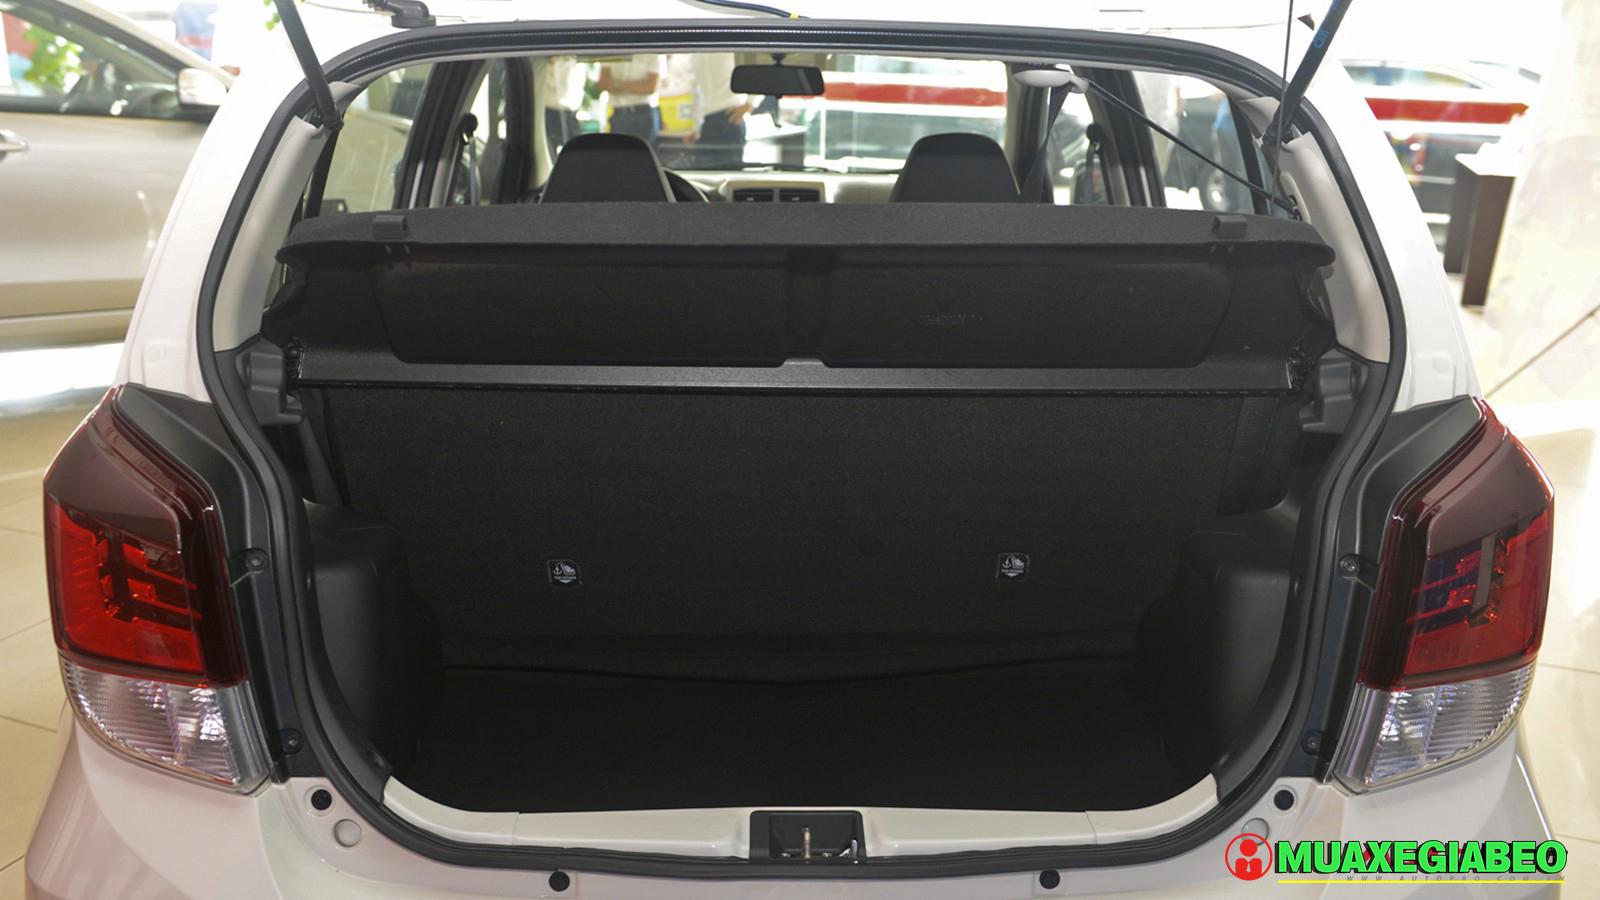 Đánh giá tổng quan về Toyota Wigo AT số tự động phiên bản cao cấp ảnh 1 - Wigo 1.2AT [hienthinam] (số tự động): giá xe và khuyến mãi mới